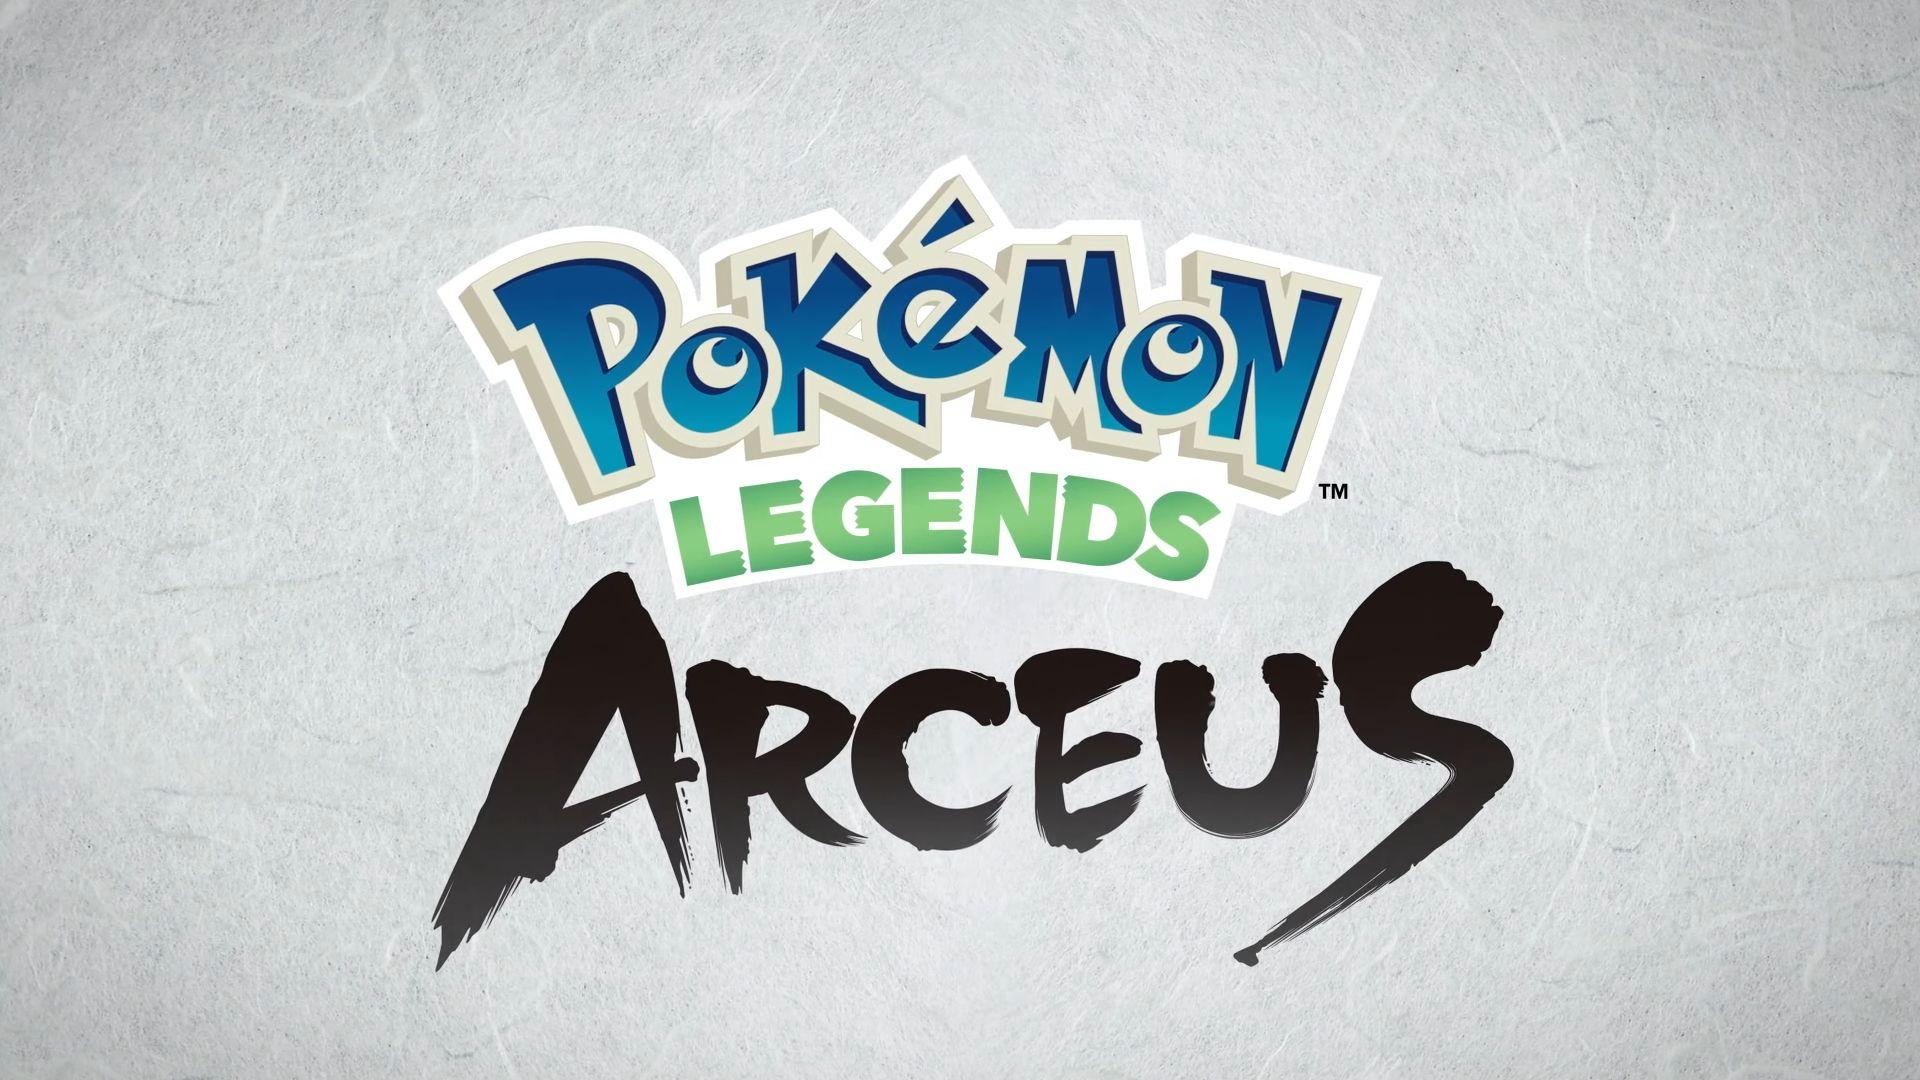 Pokemon Legends Arceus